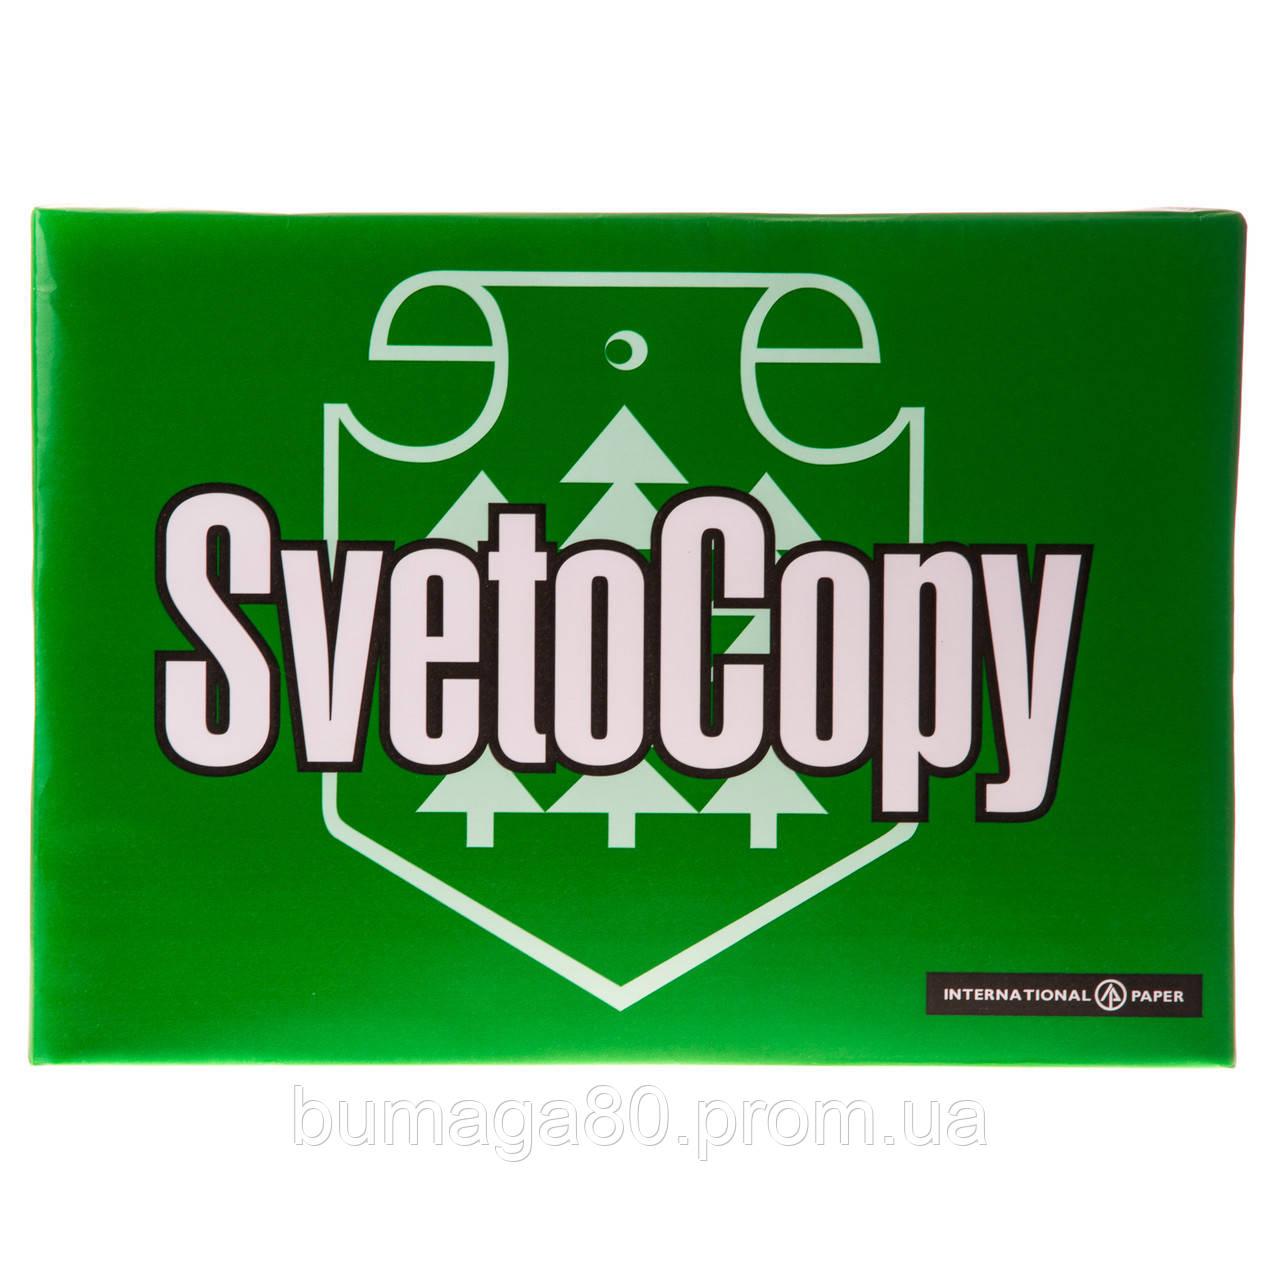 Белая бумага SvetoCopy A3 пл 80 500 листов - Интернет магазин Бумага 80 в Харькове